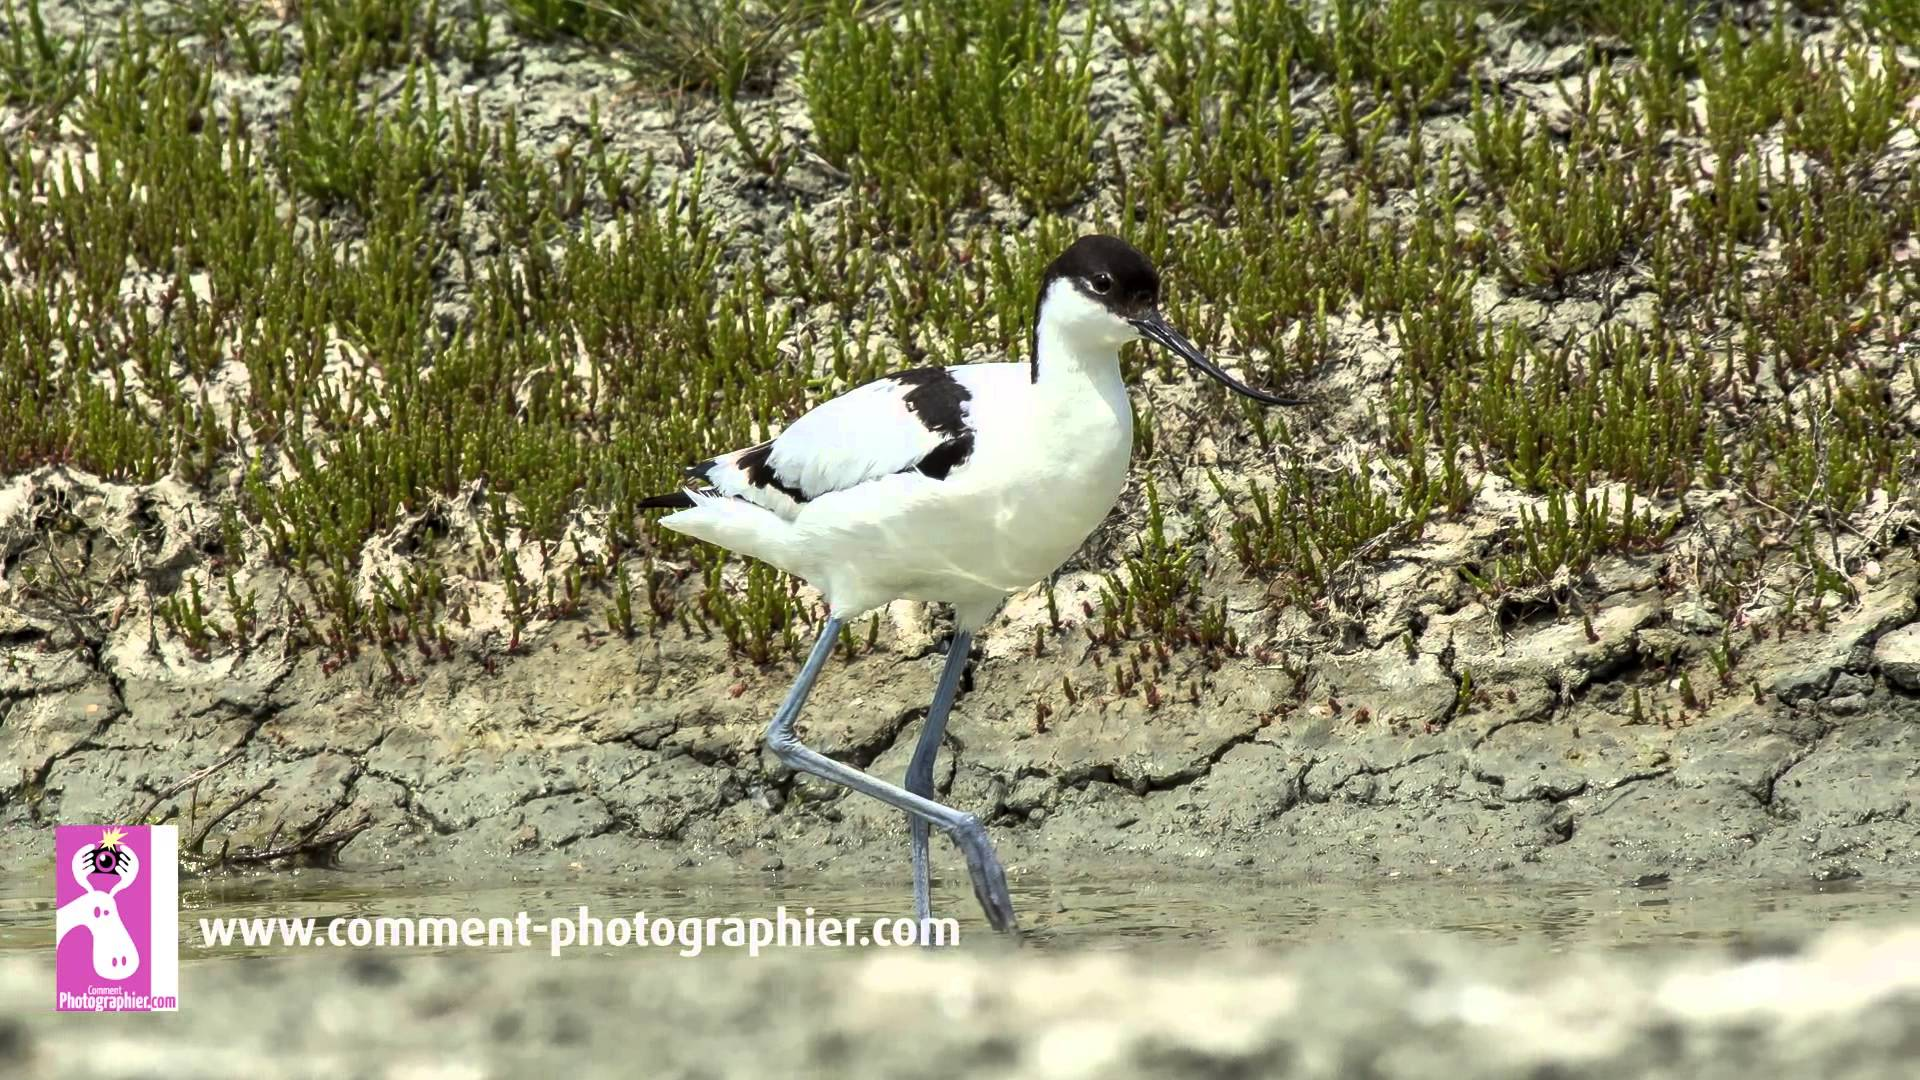 Comment faire des photos d 39 oiseaux et de nature - Comment effrayer les oiseaux ...